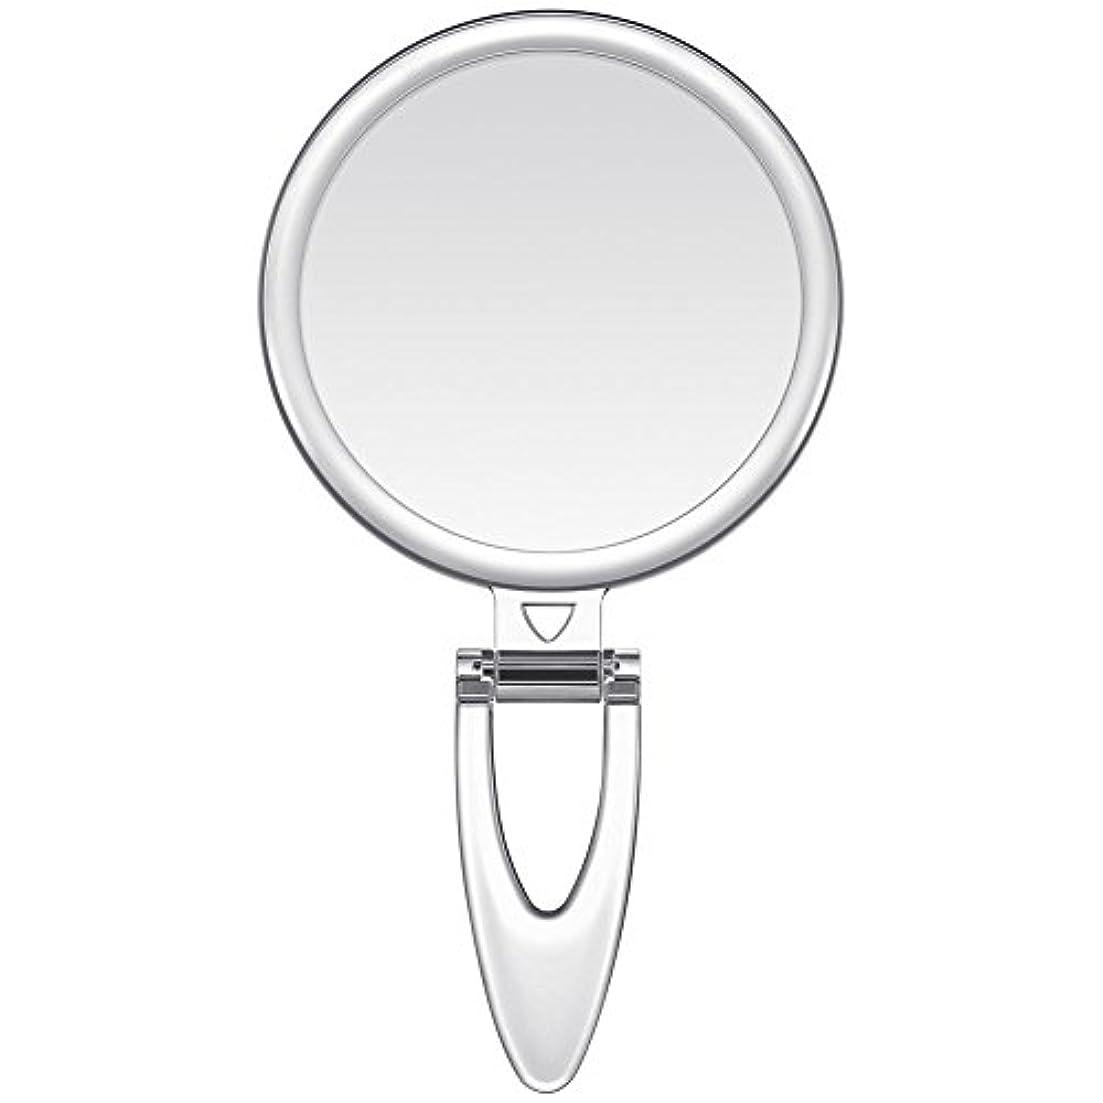 倫理的間欠葉巻Lavany 手鏡 鏡 拡大鏡 両面コンパクトミラー 化粧鏡 10倍鏡付き 手持ち スタンド 壁掛け仕様 (S(3.2インチ))